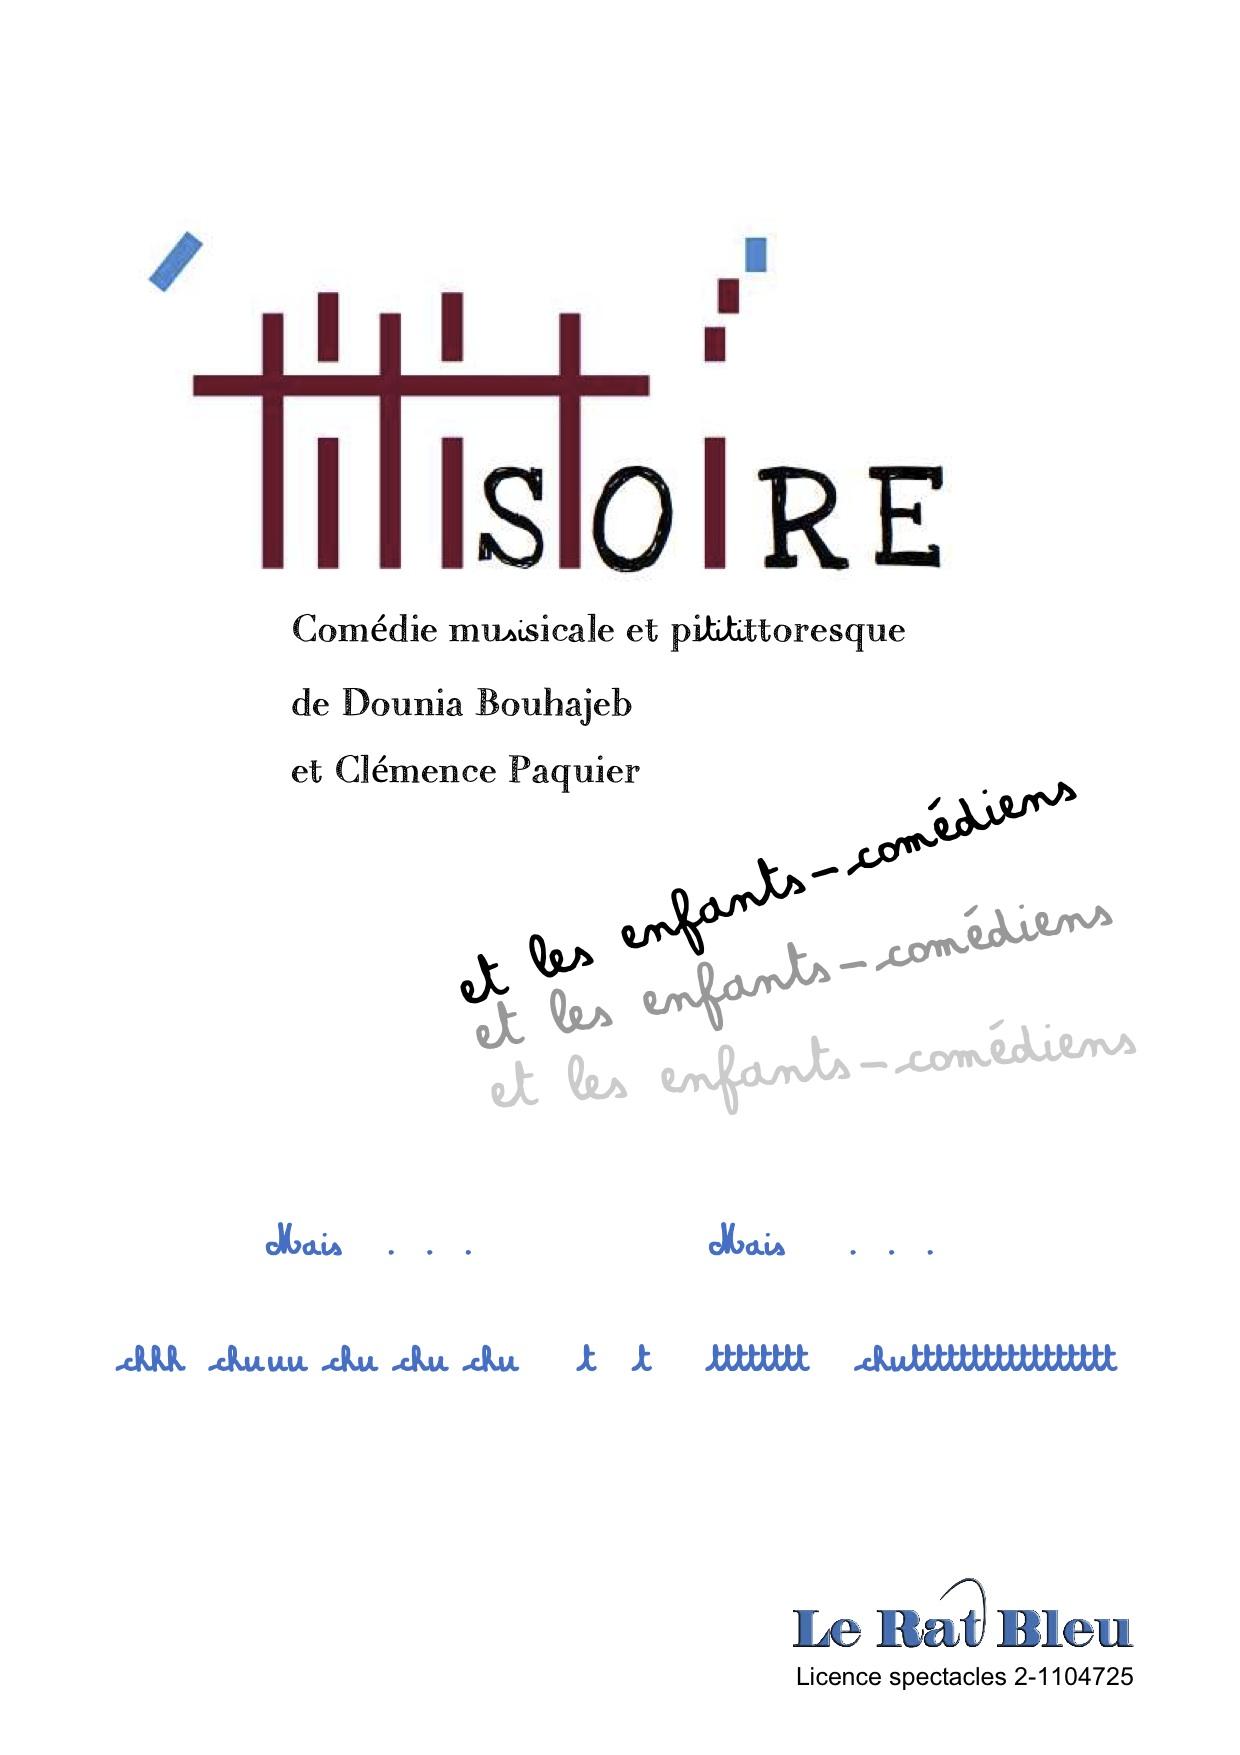 Titistoire